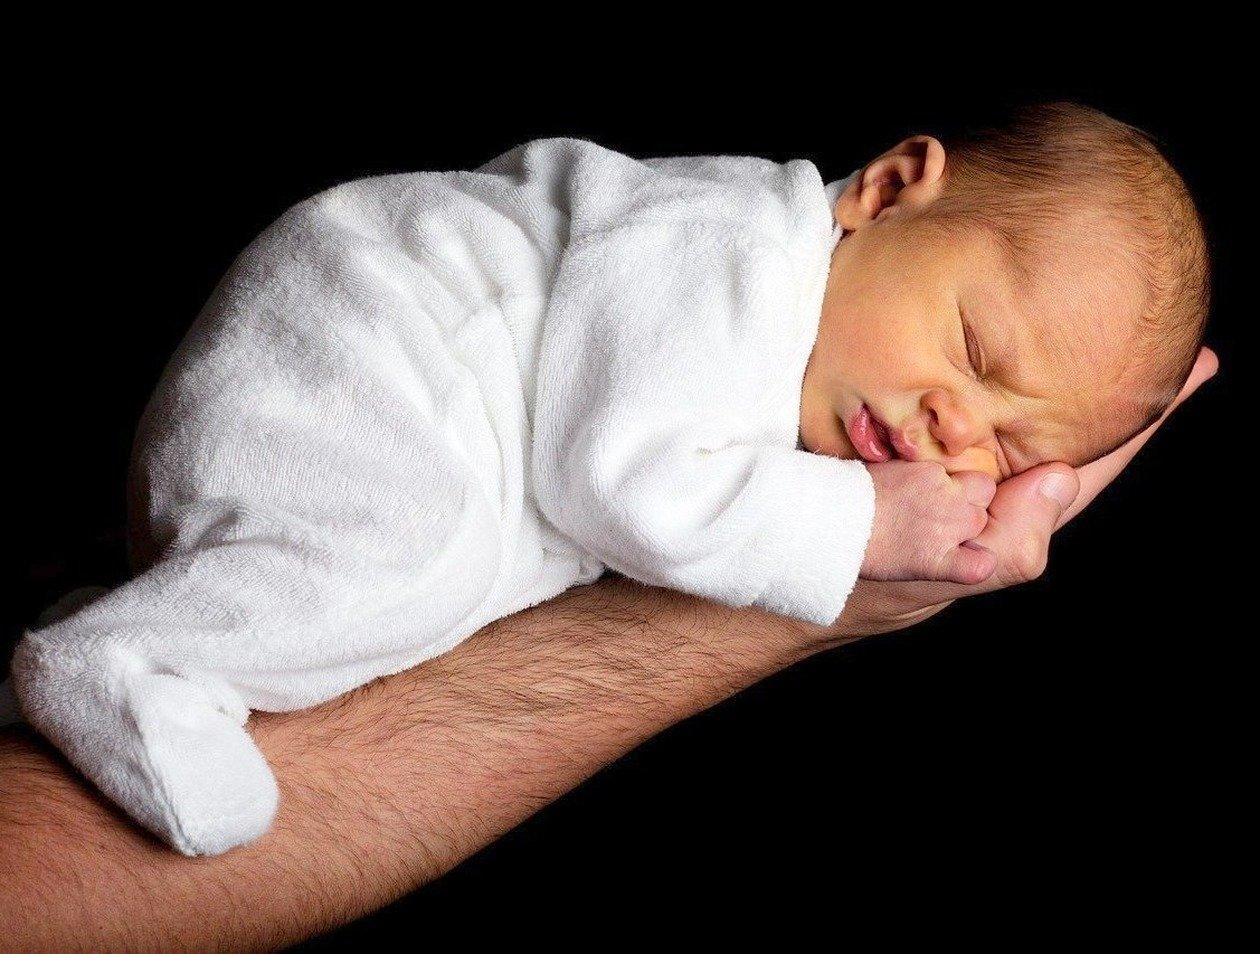 В России родился первый ребенок с COVID-19